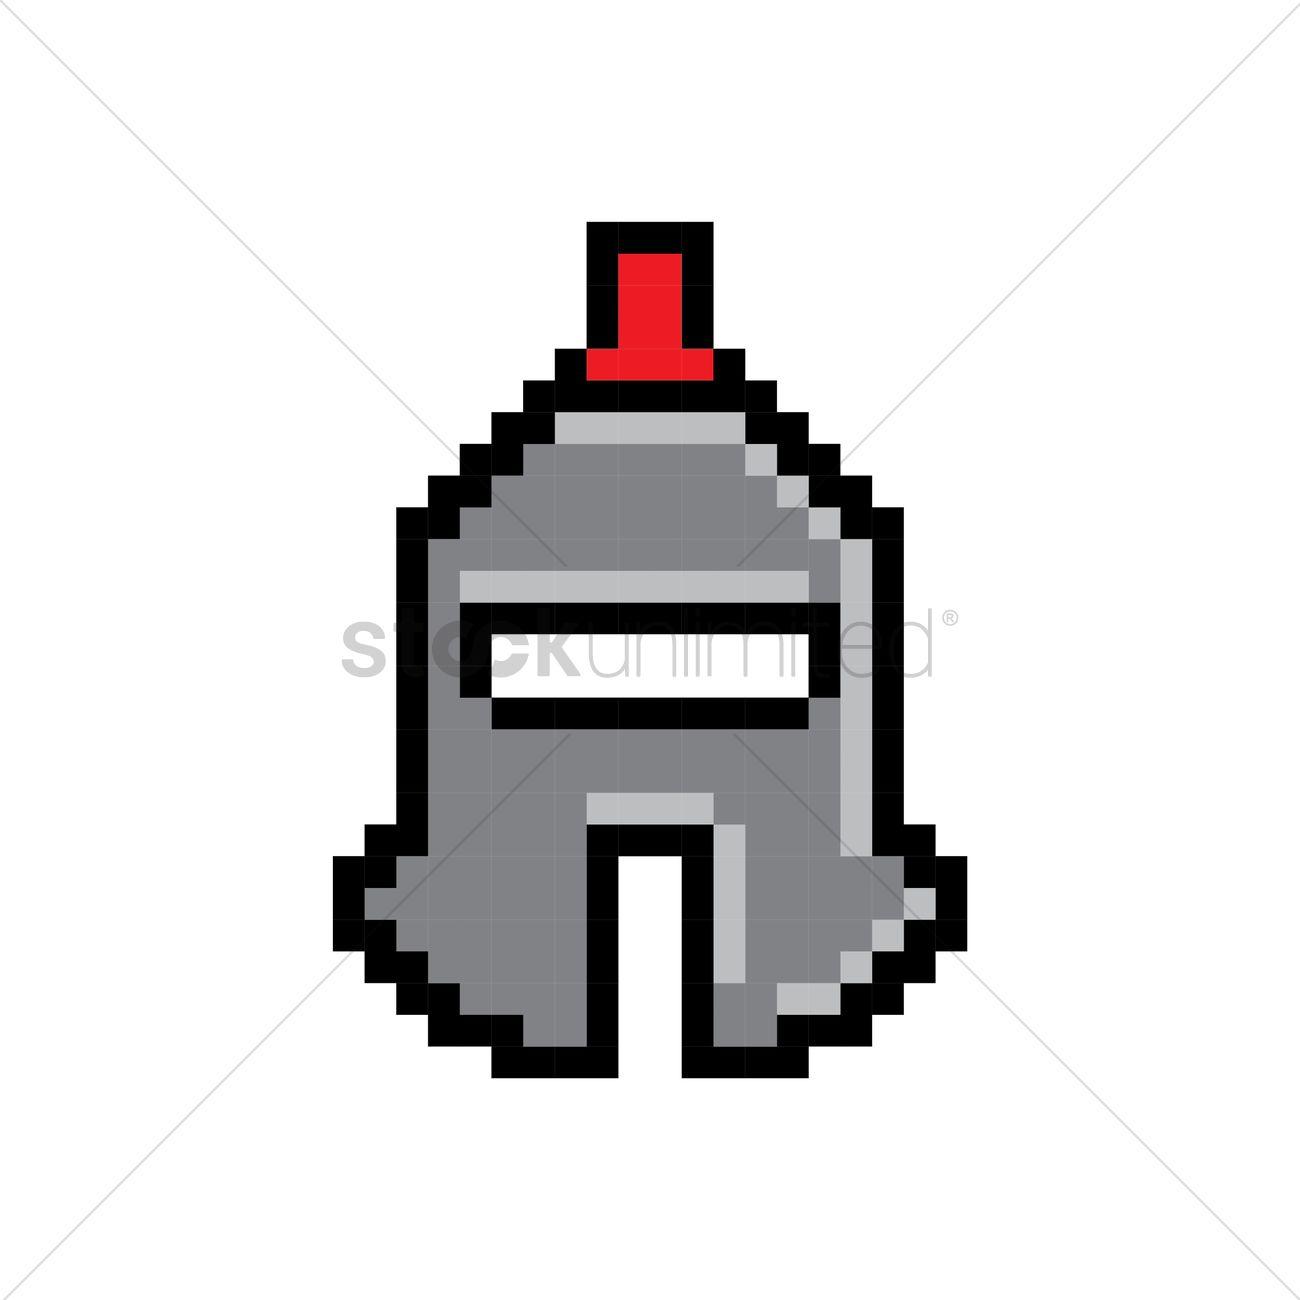 Pixel art barbute helmet Vector Image - 1959060   StockUnlimited